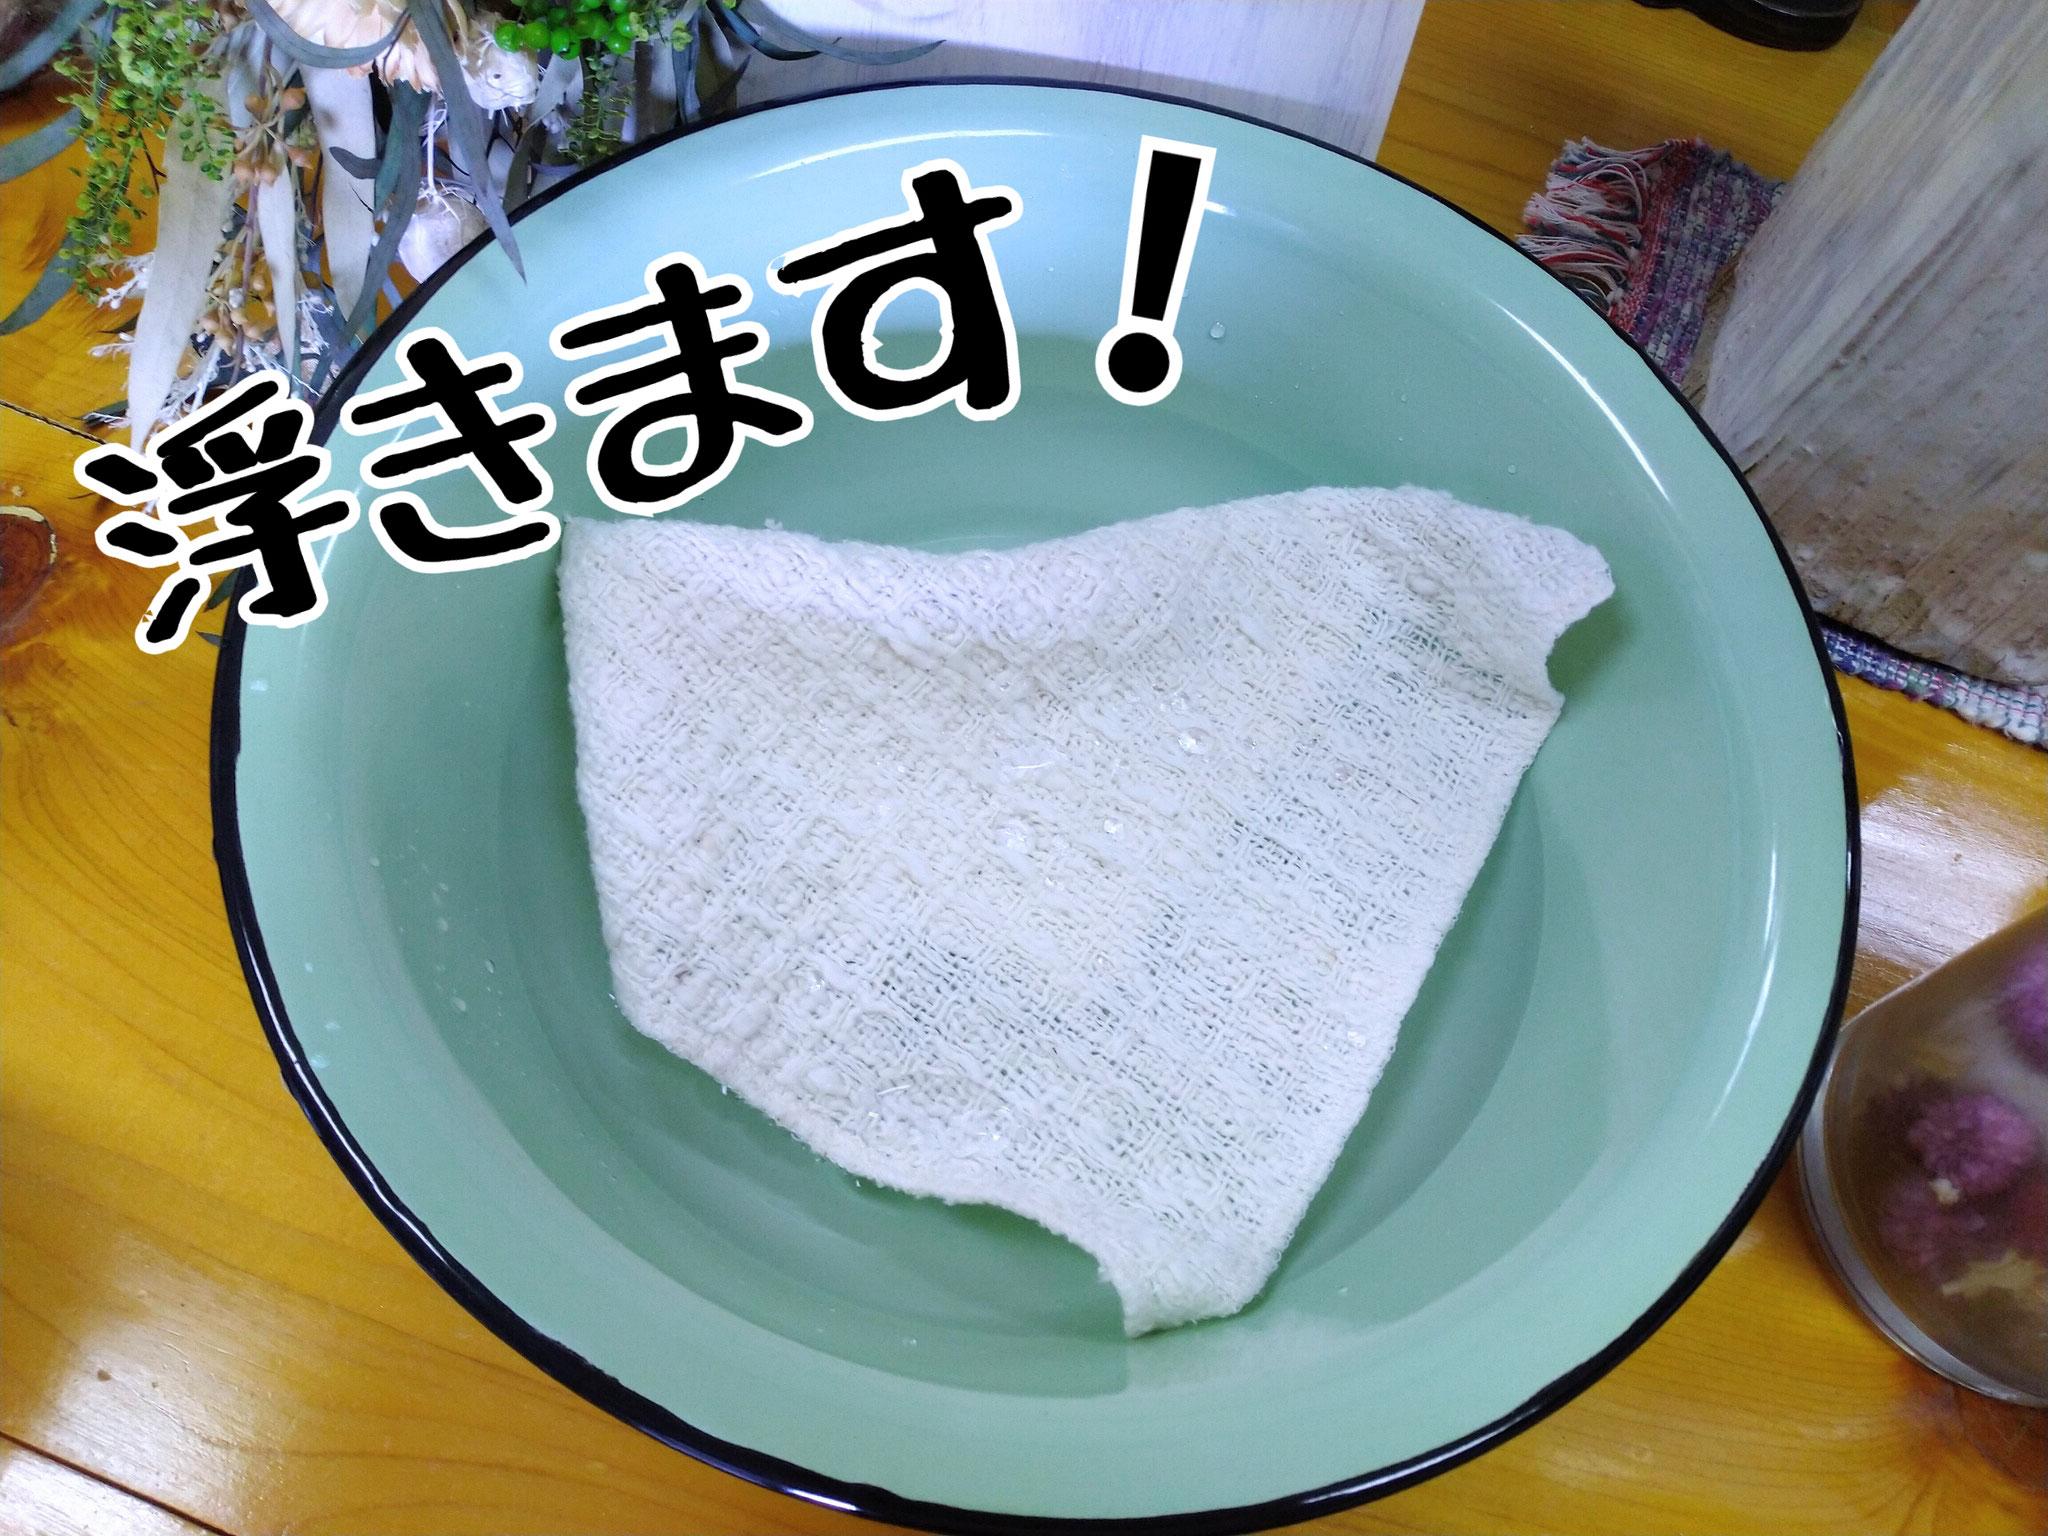 和綿の油だけでなく、繊維の中に空気を含んでいるのです